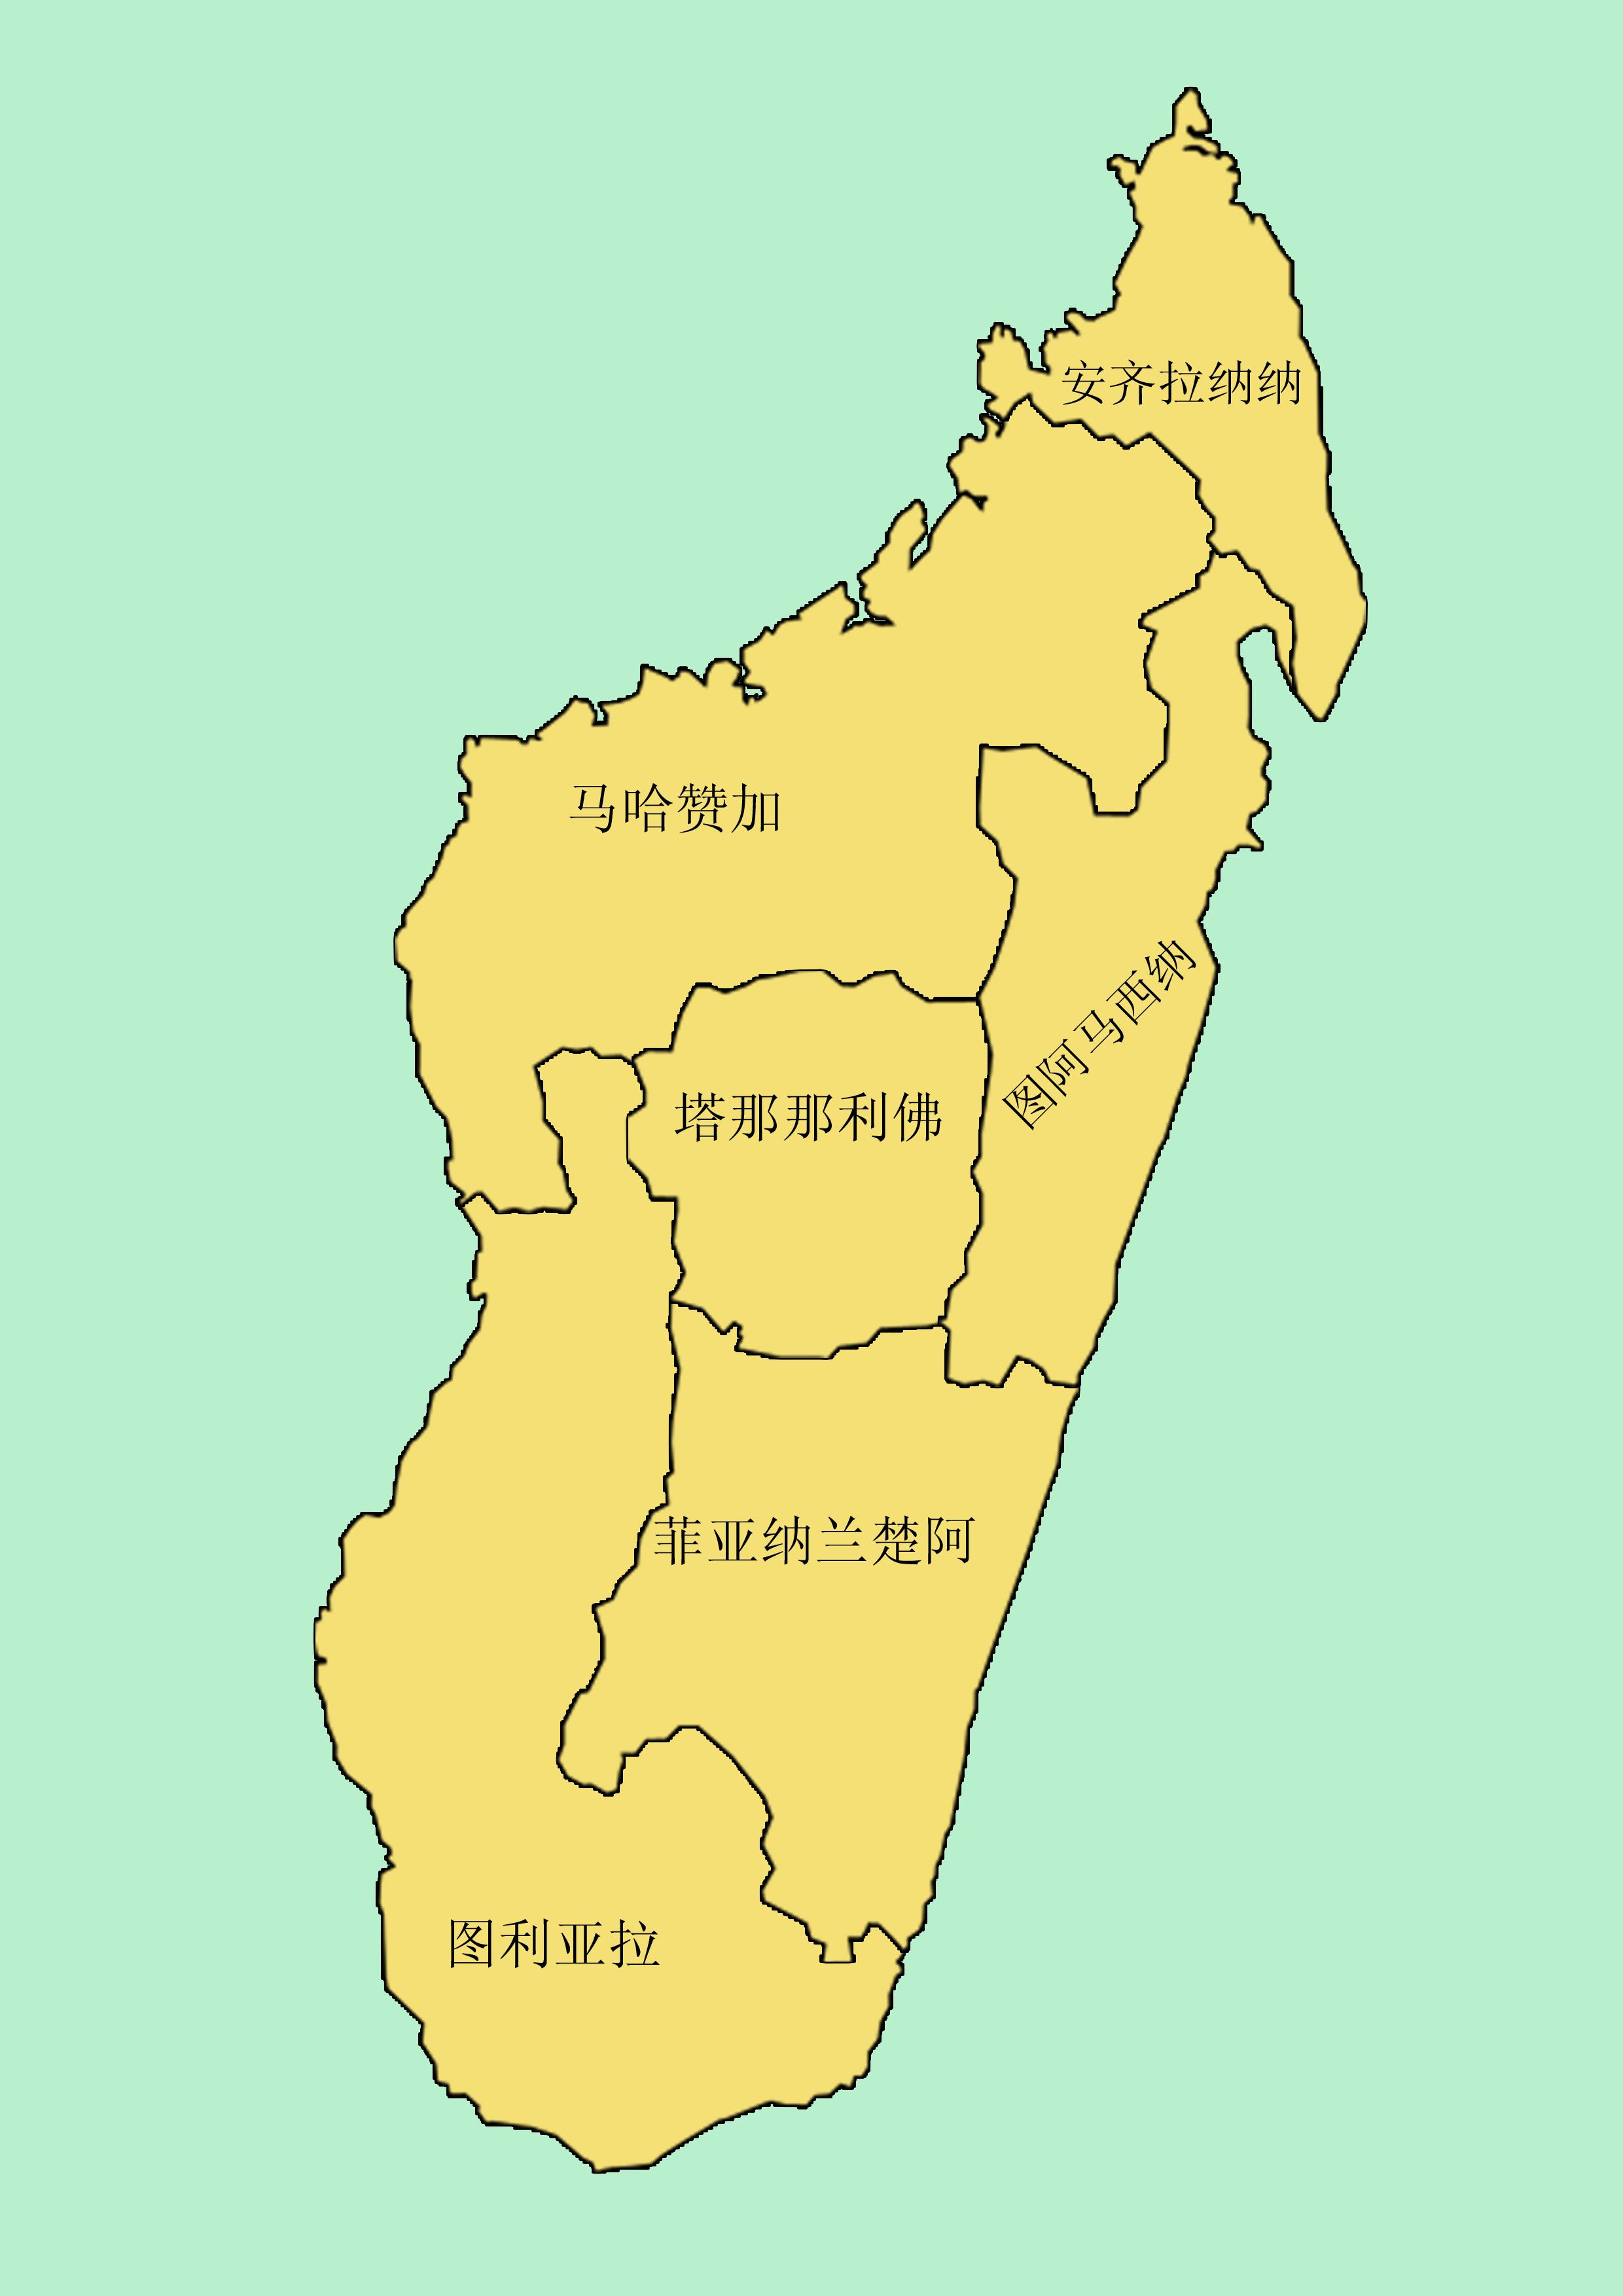 马达加斯加行政区划图